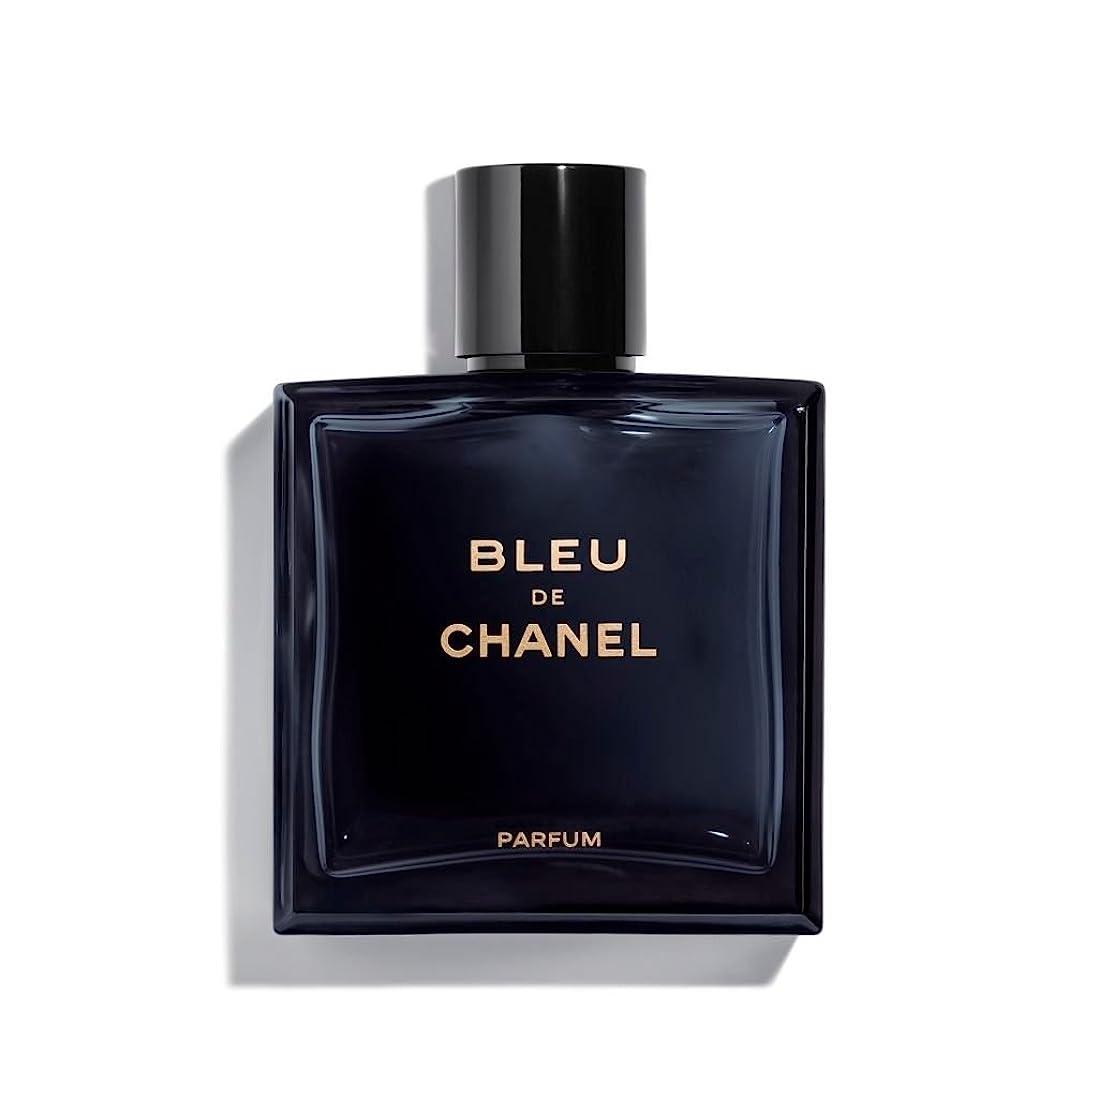 アピールアレルギー急ぐシャネル CHANEL ブルー ドゥ シャネル パルファム 〔Parfum〕 50ml Pfm SP fs